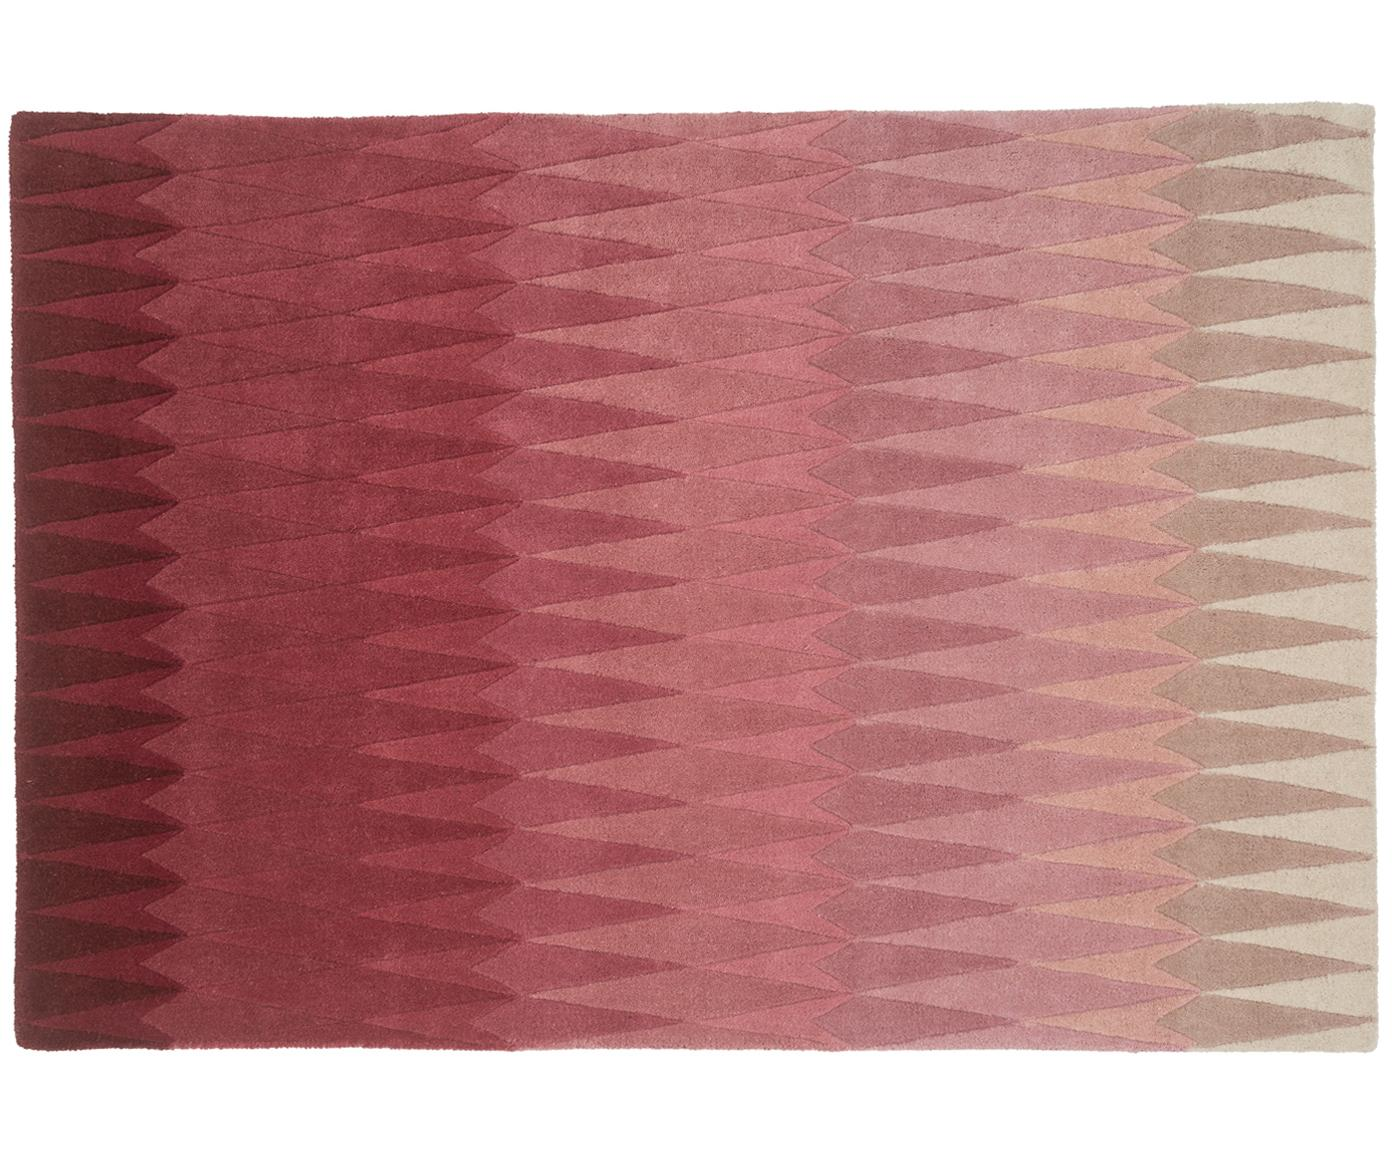 Alfombra artesanal de lana de diseño Acacia, Rosa, An 140 x L 200 cm (Tamaño S)